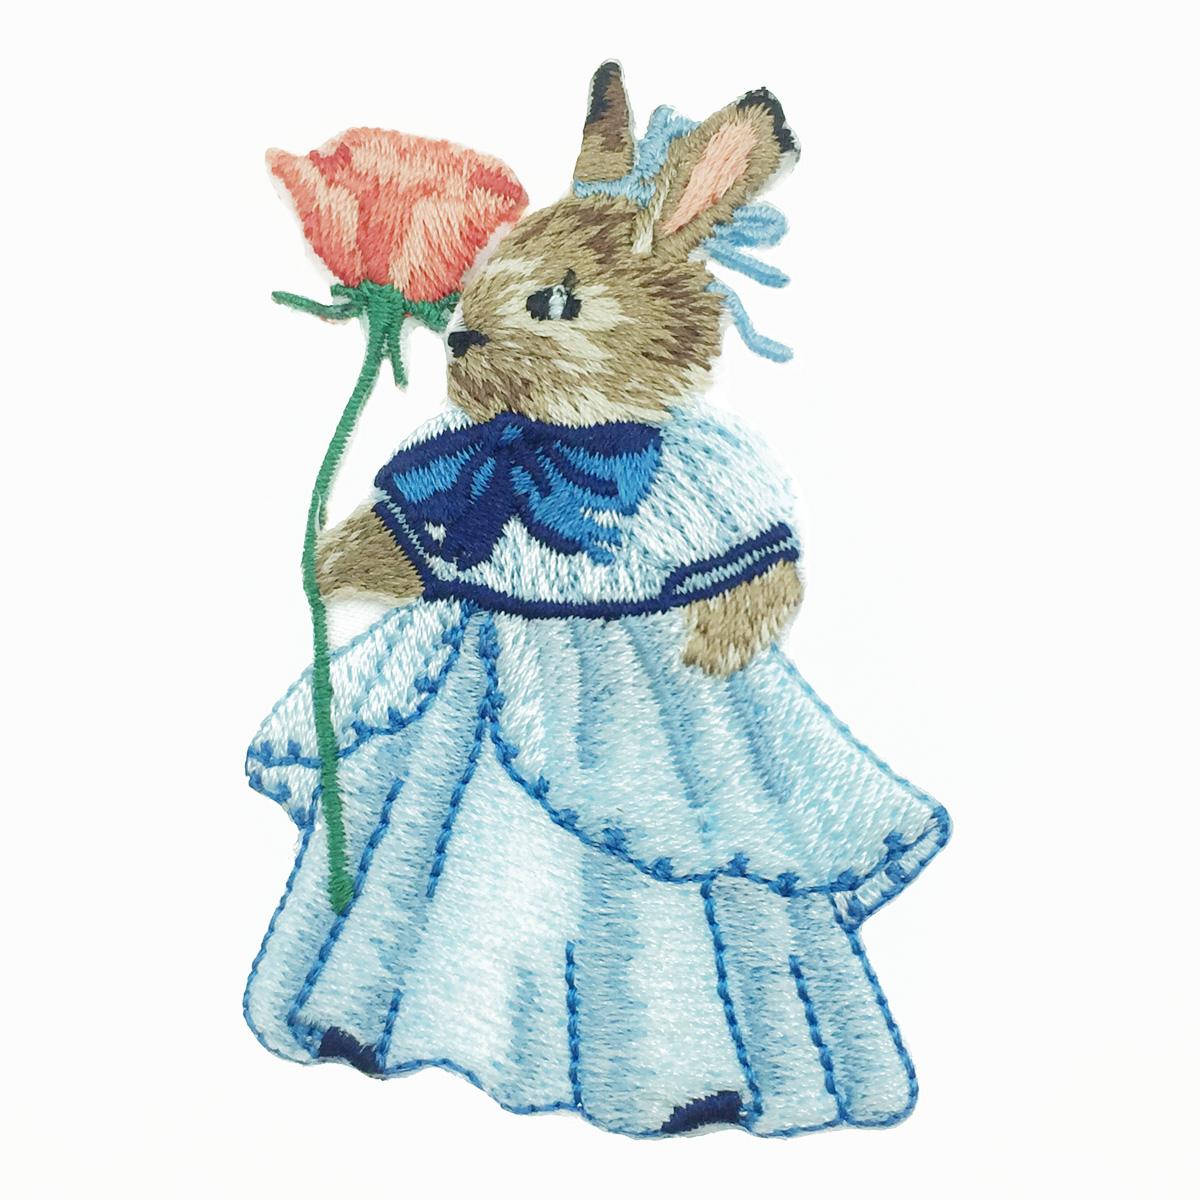 韓國 刺繡 燙布貼 洋裝兔子 花 胸針 別針